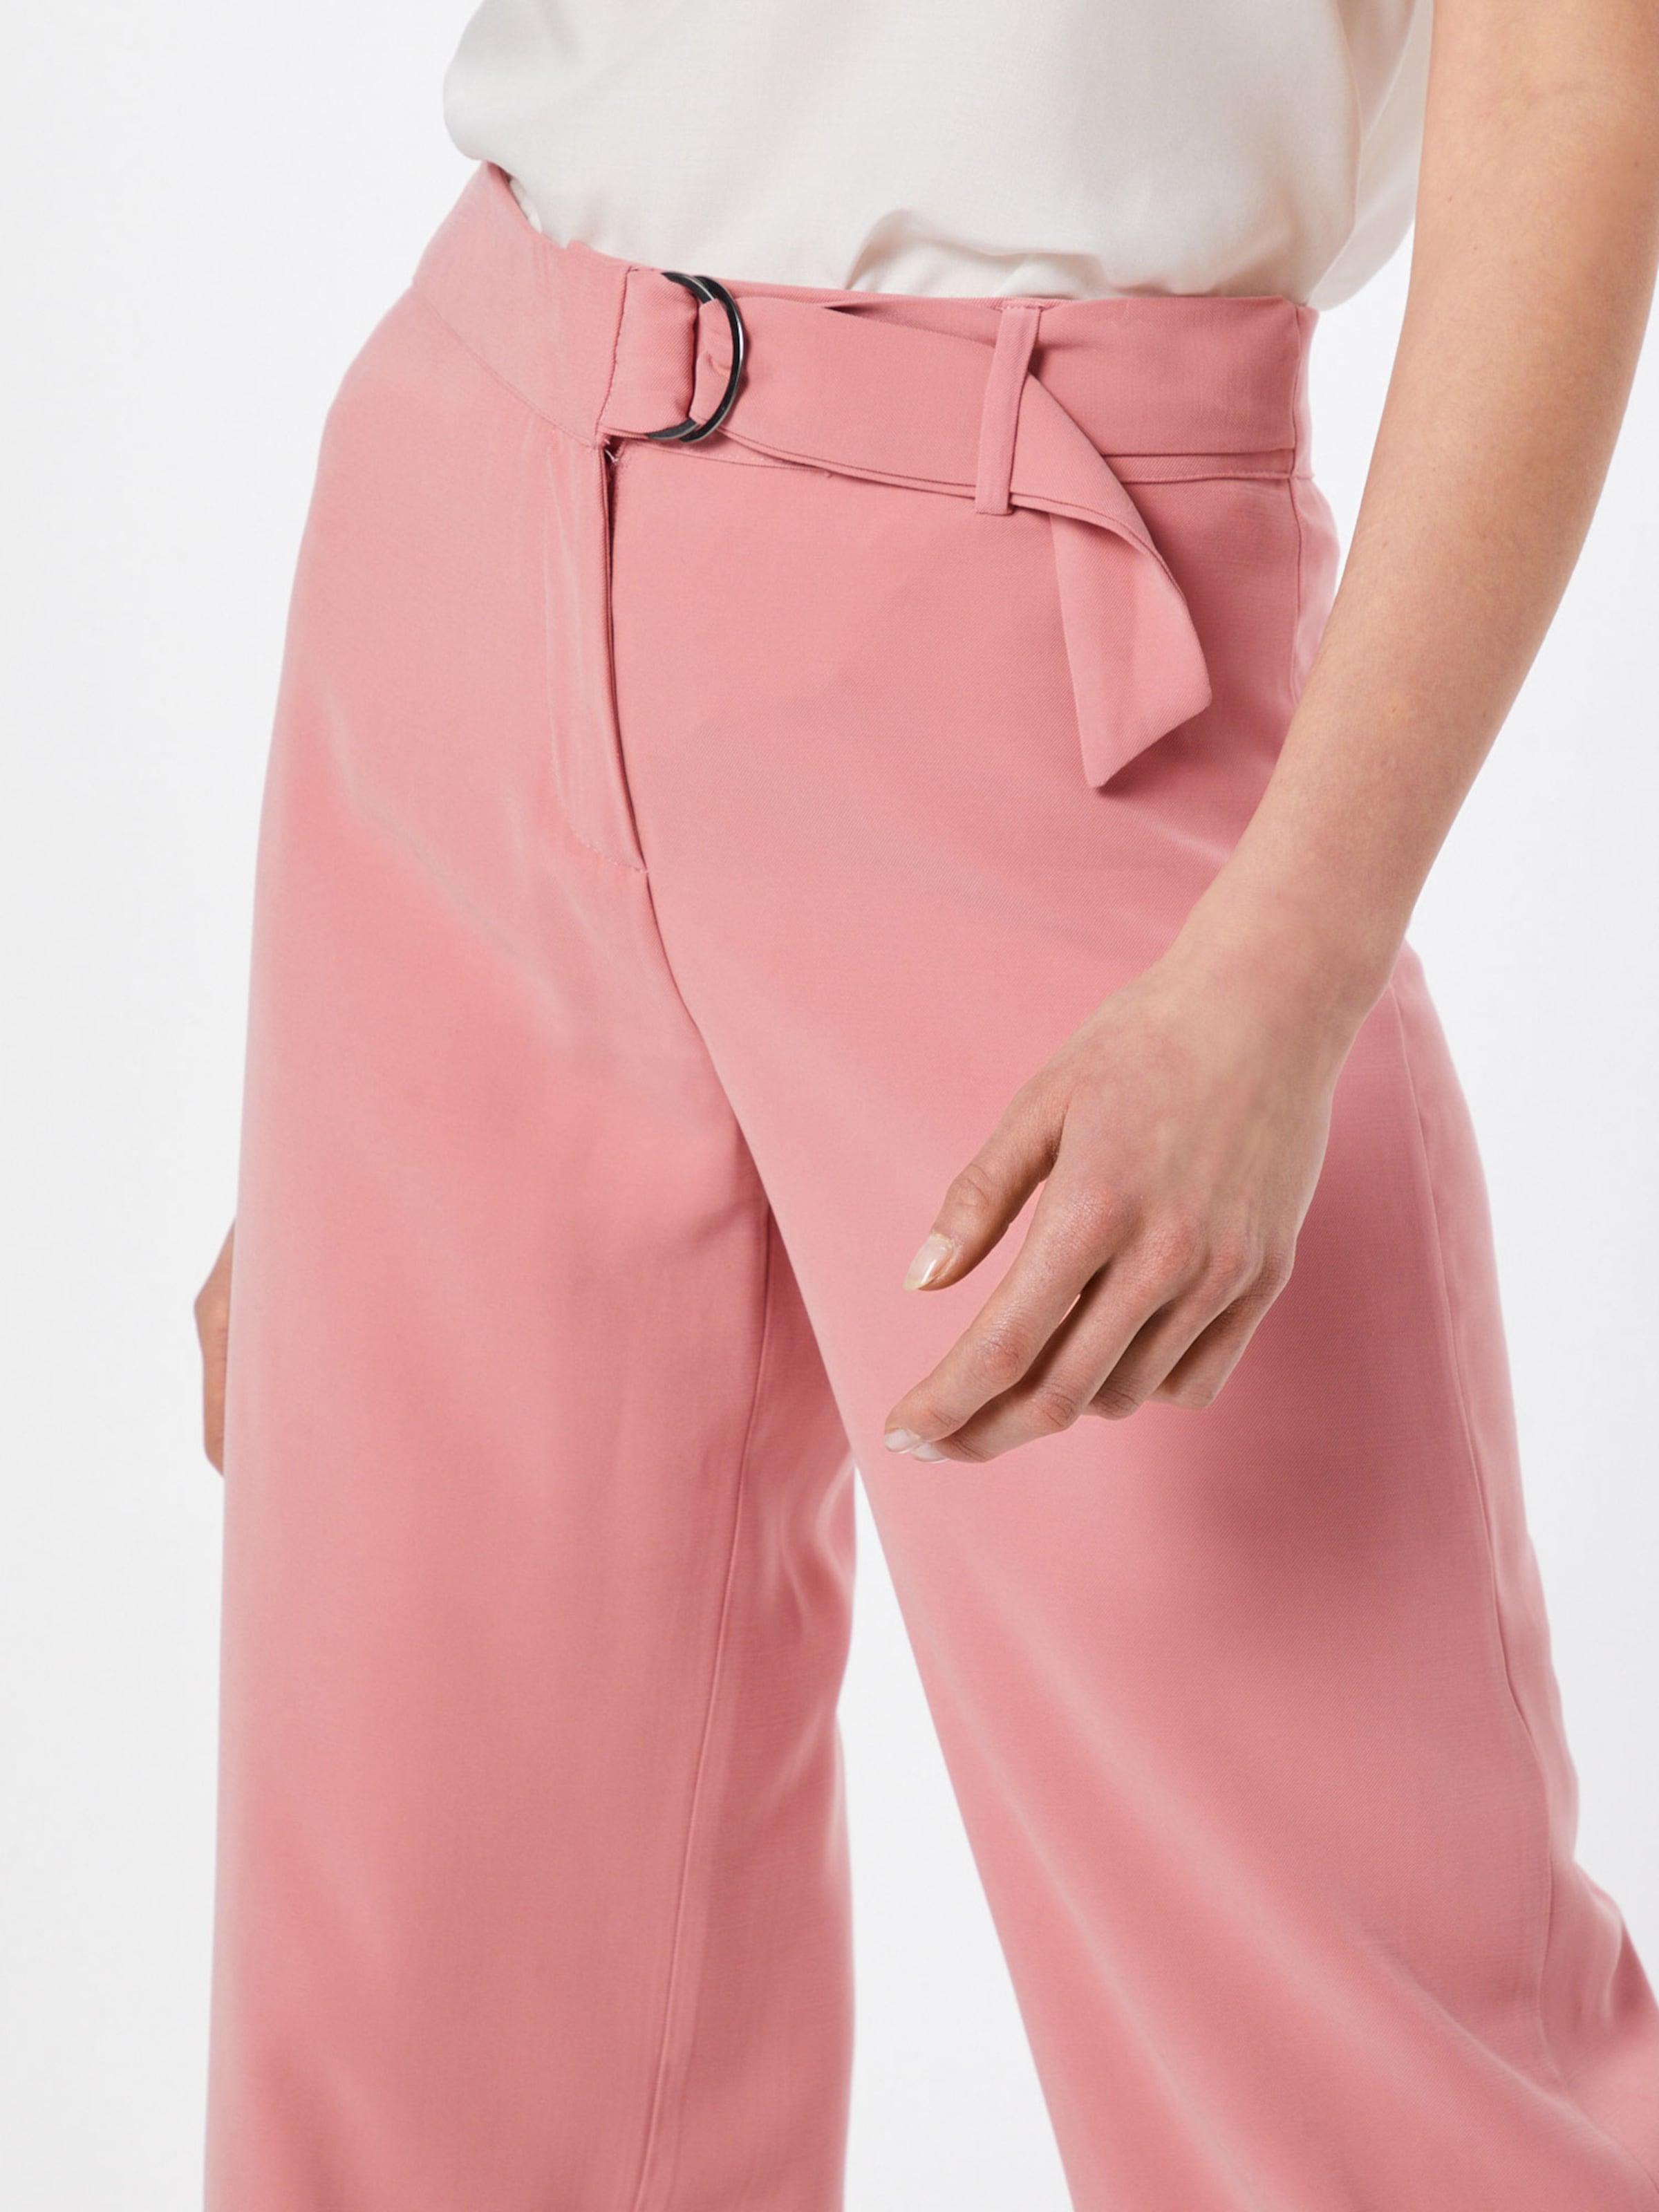 'esther' Pantalon Vila Pantalon En 'esther' Rose Pantalon Rose Vila En Vila 5R3j4LA